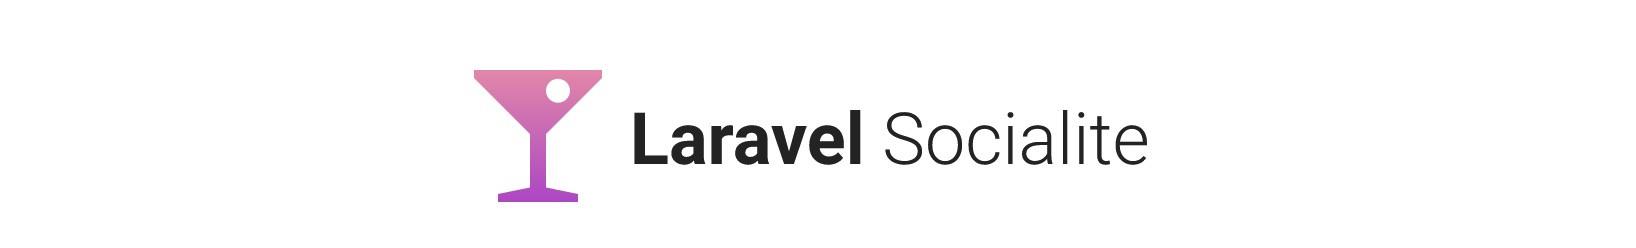 laravel socialite